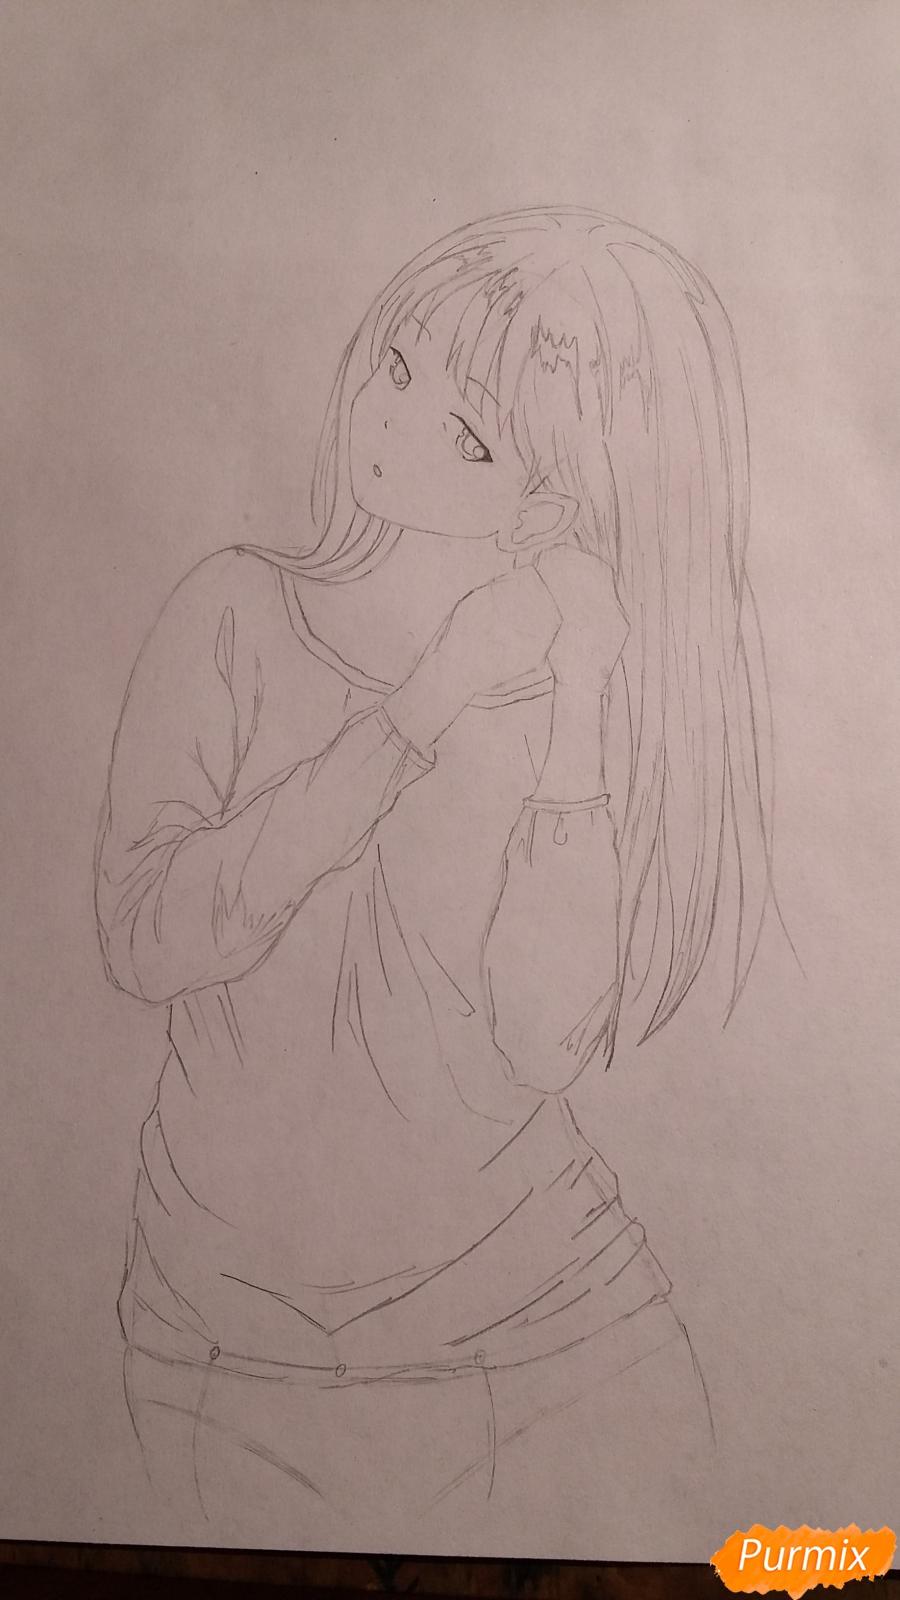 Как нарисовать милую девушку в аниме стиле карандашами поэтапно - шаг 5